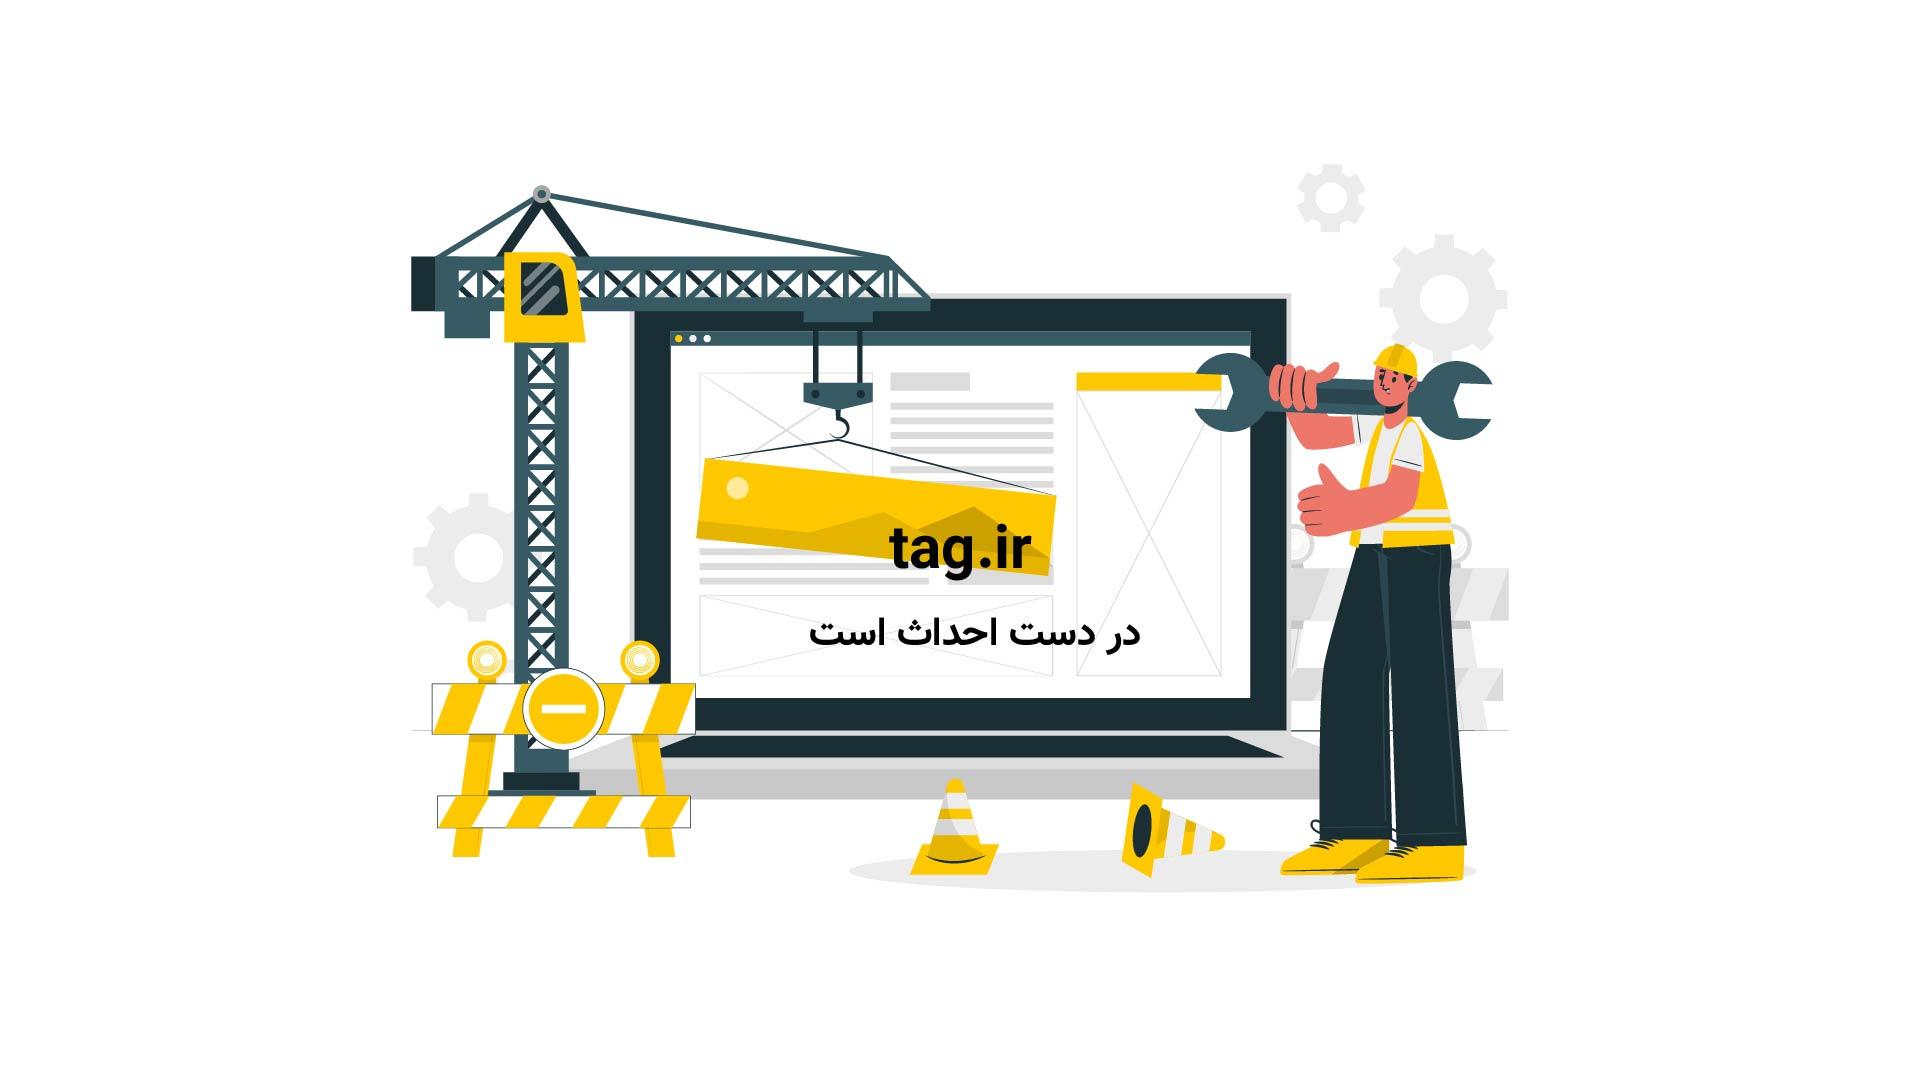 شهاذت امام حسن عسکری | تگ